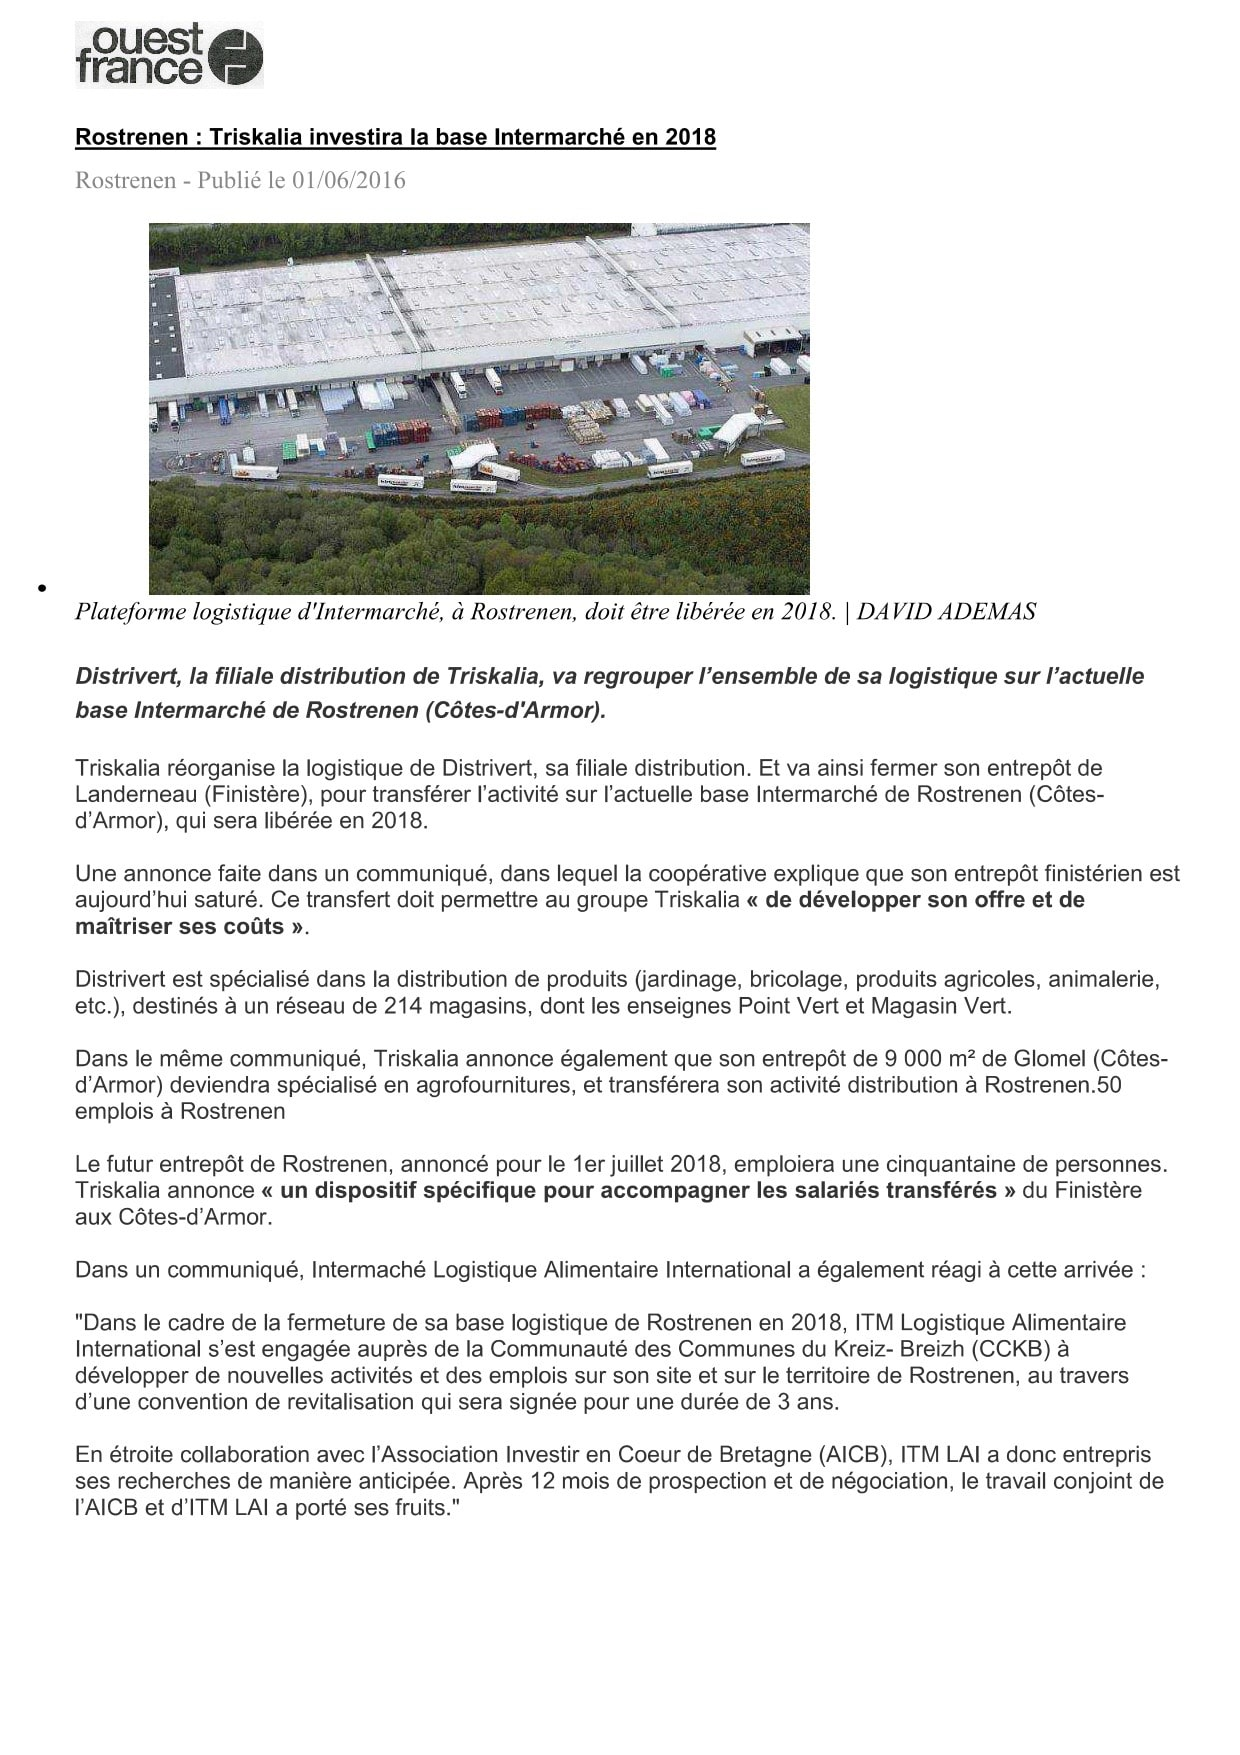 Communiqué de Presse - Rostrenen, triskalia investira la base intermarché en 2018  - Ouest France